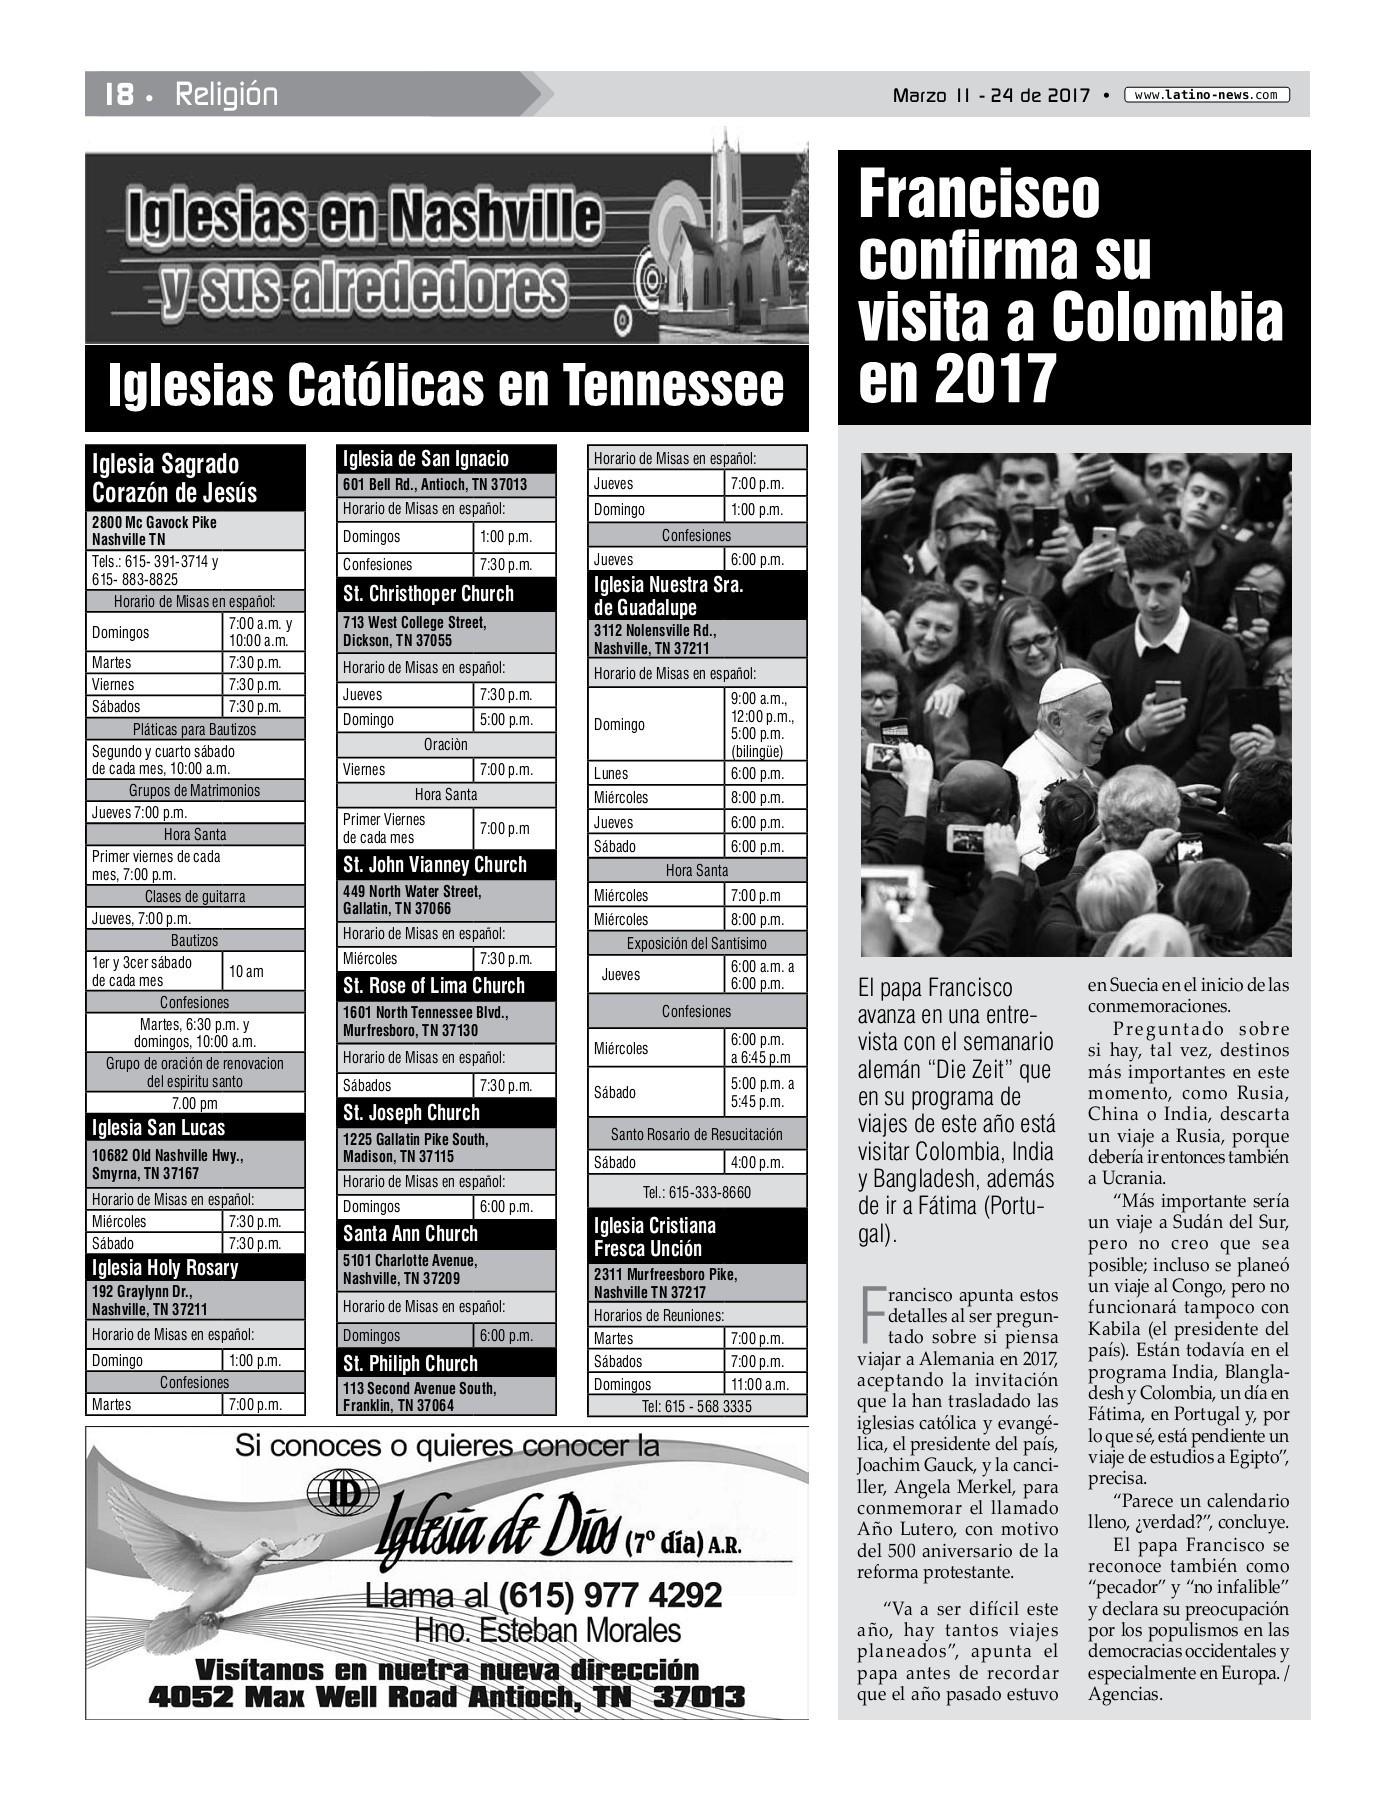 Calendario Carnavales 2019 Panama Más Recientemente Liberado Ed 323 Mar 11 24 Pages 1 40 Text Version Of Calendario Carnavales 2019 Panama Más Caliente Calaméo Edicion 1299